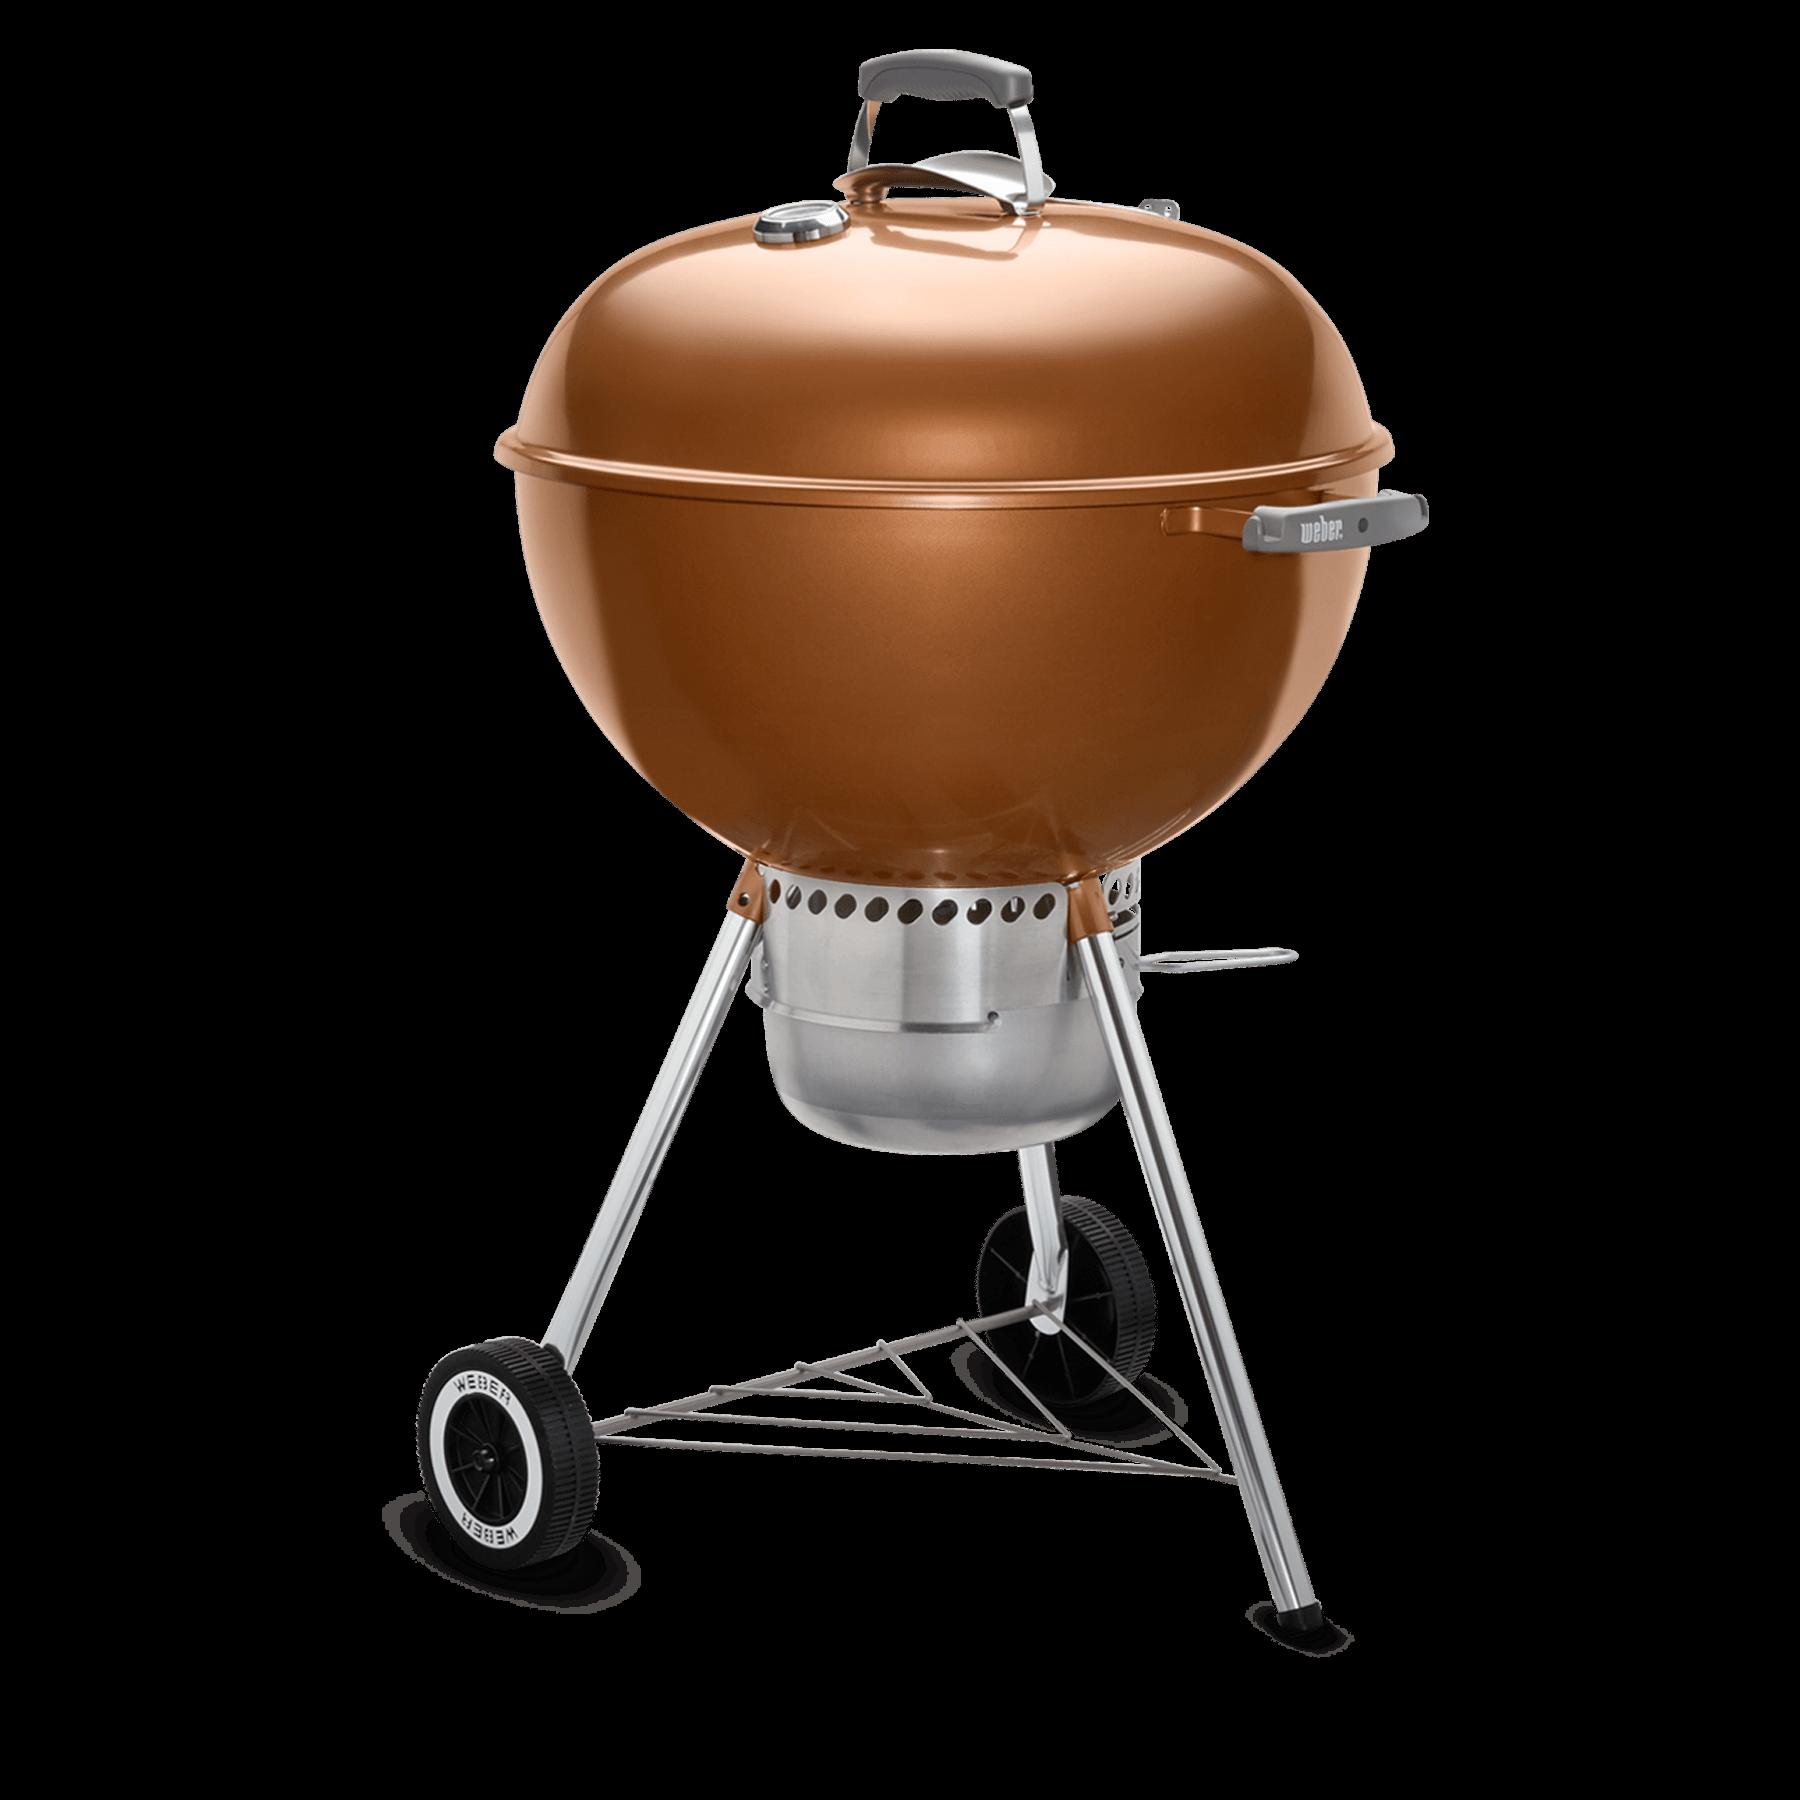 weber 22 original kettle premium charcoal grill weber. Black Bedroom Furniture Sets. Home Design Ideas